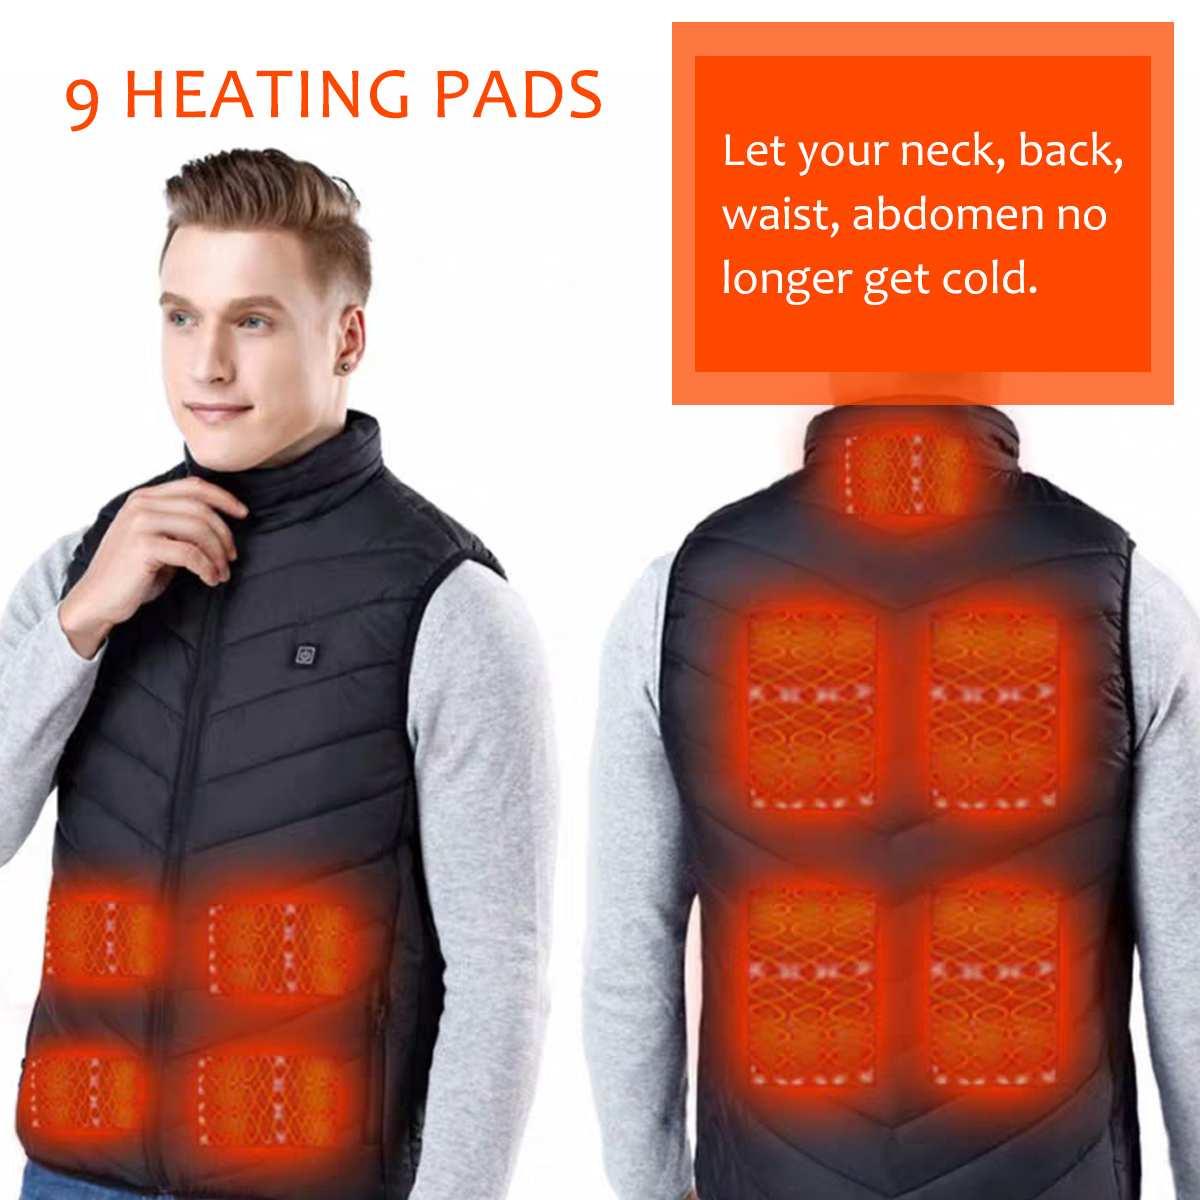 Gilets chauffants électriques vêtements d'hiver hommes électrique USB thermique tactique veste chauffante pour le Sport de plein air Camping randonnée chasse